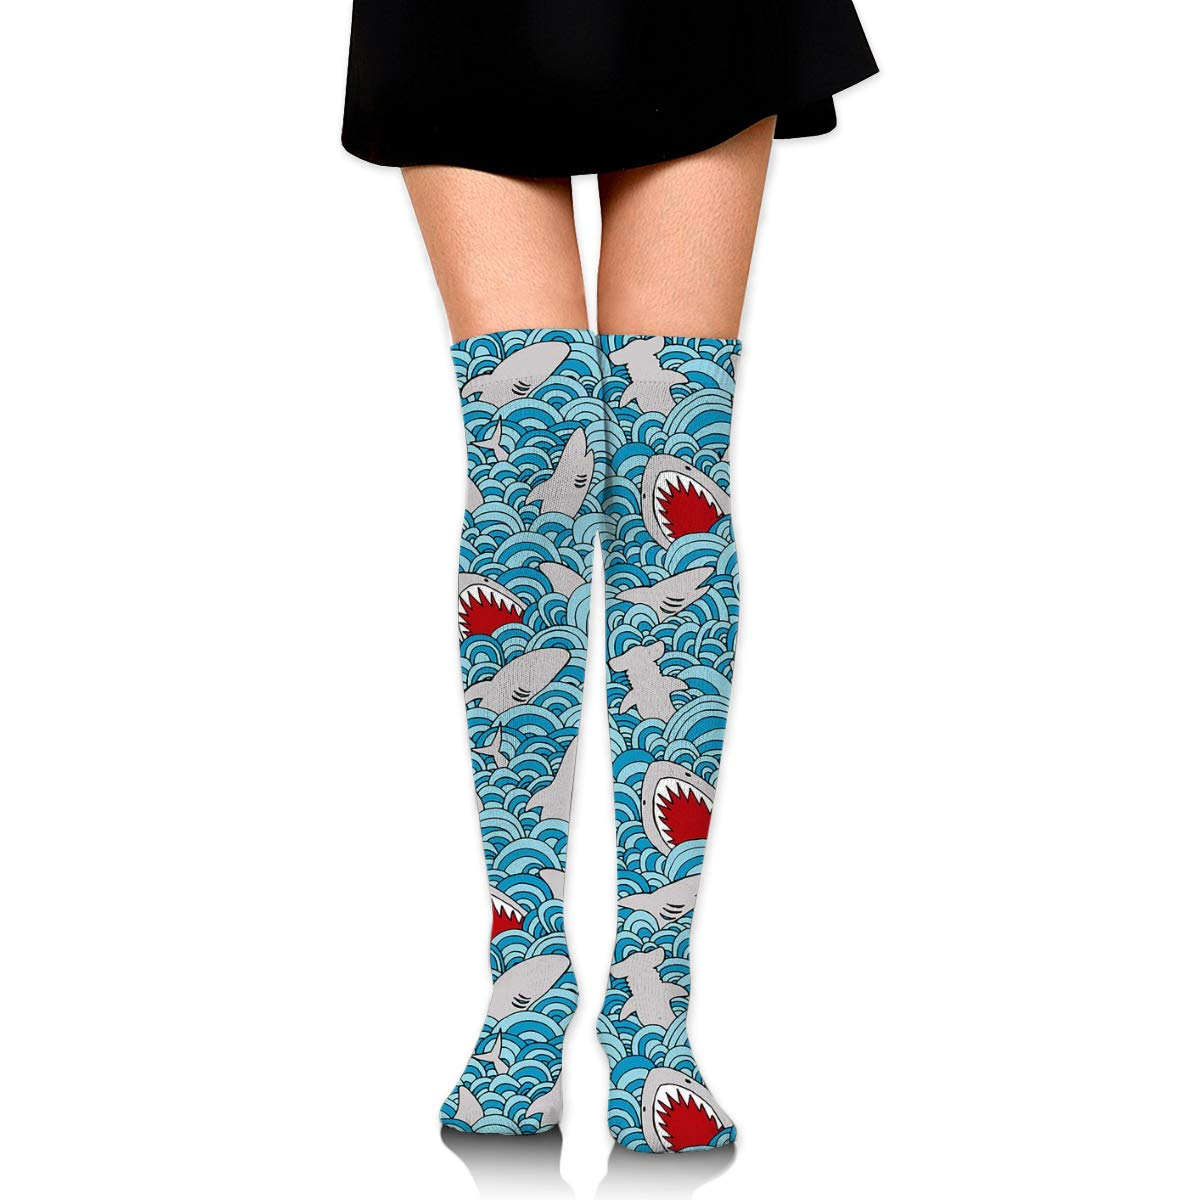 Kjaoi Girl Skirt Socks Uniform Shark Jumping Women Tube Socks Compression Socks